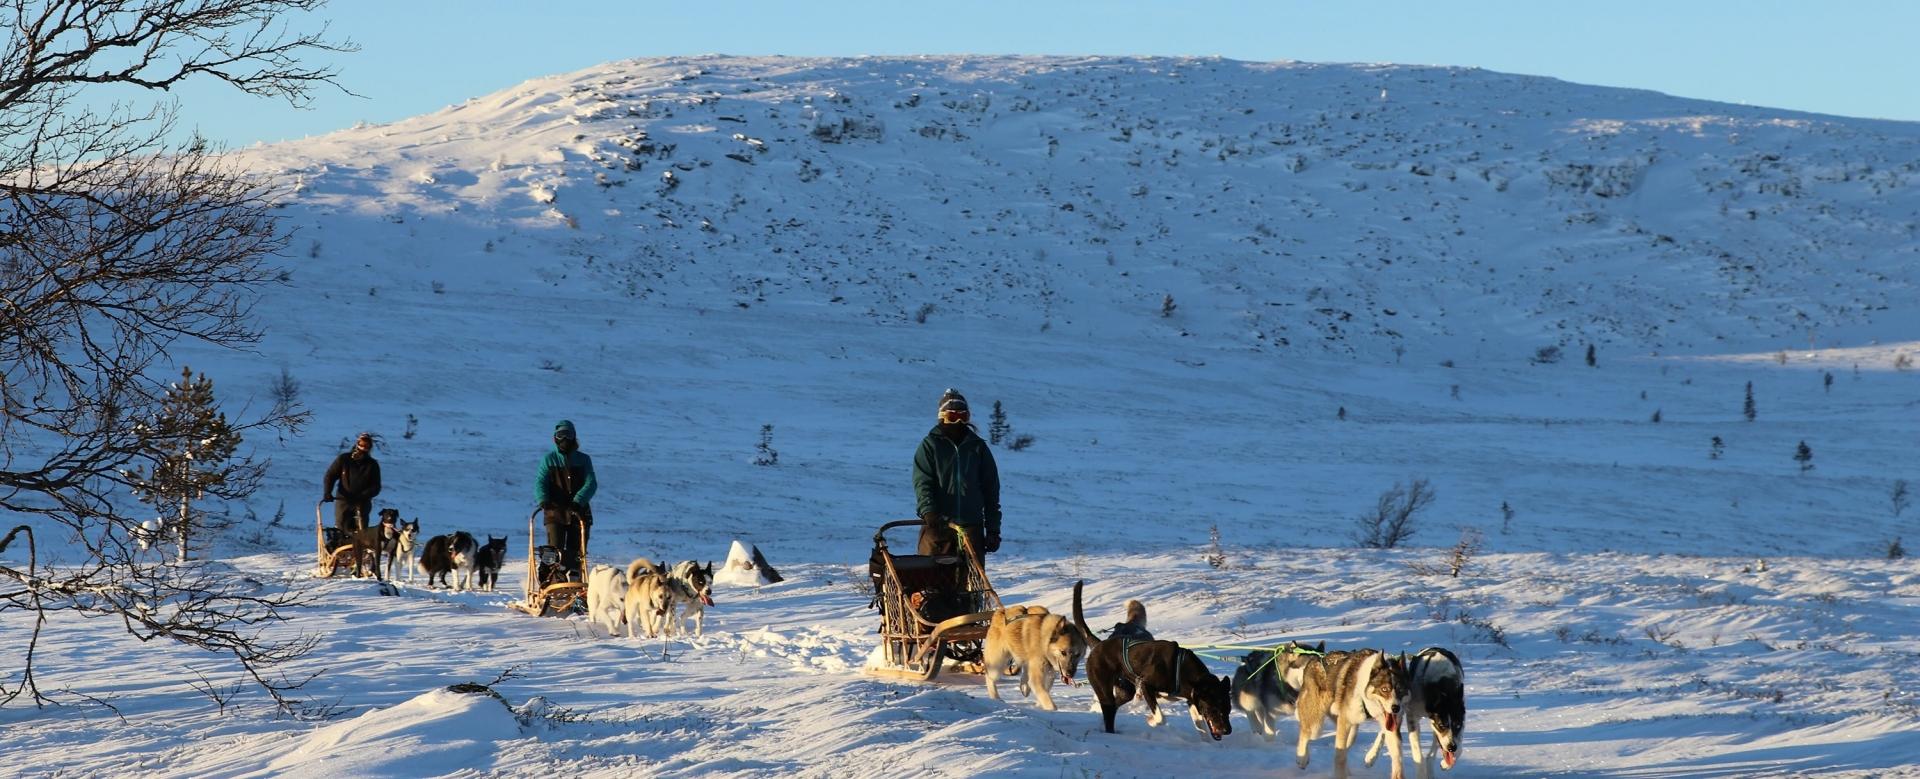 Voyage à pied : La norvège en traîneau